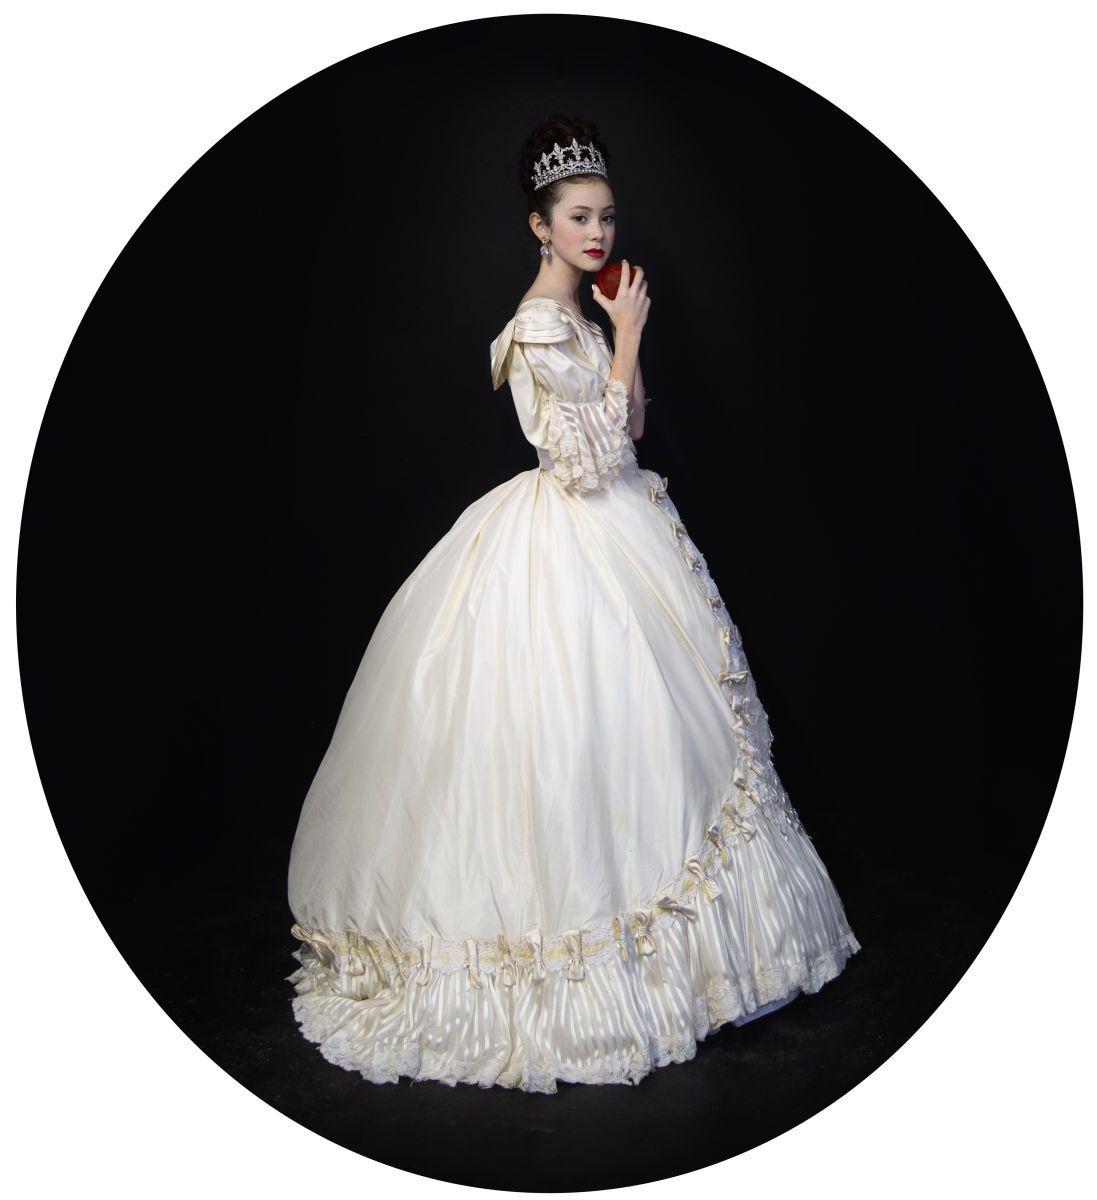 Snow White as Queen